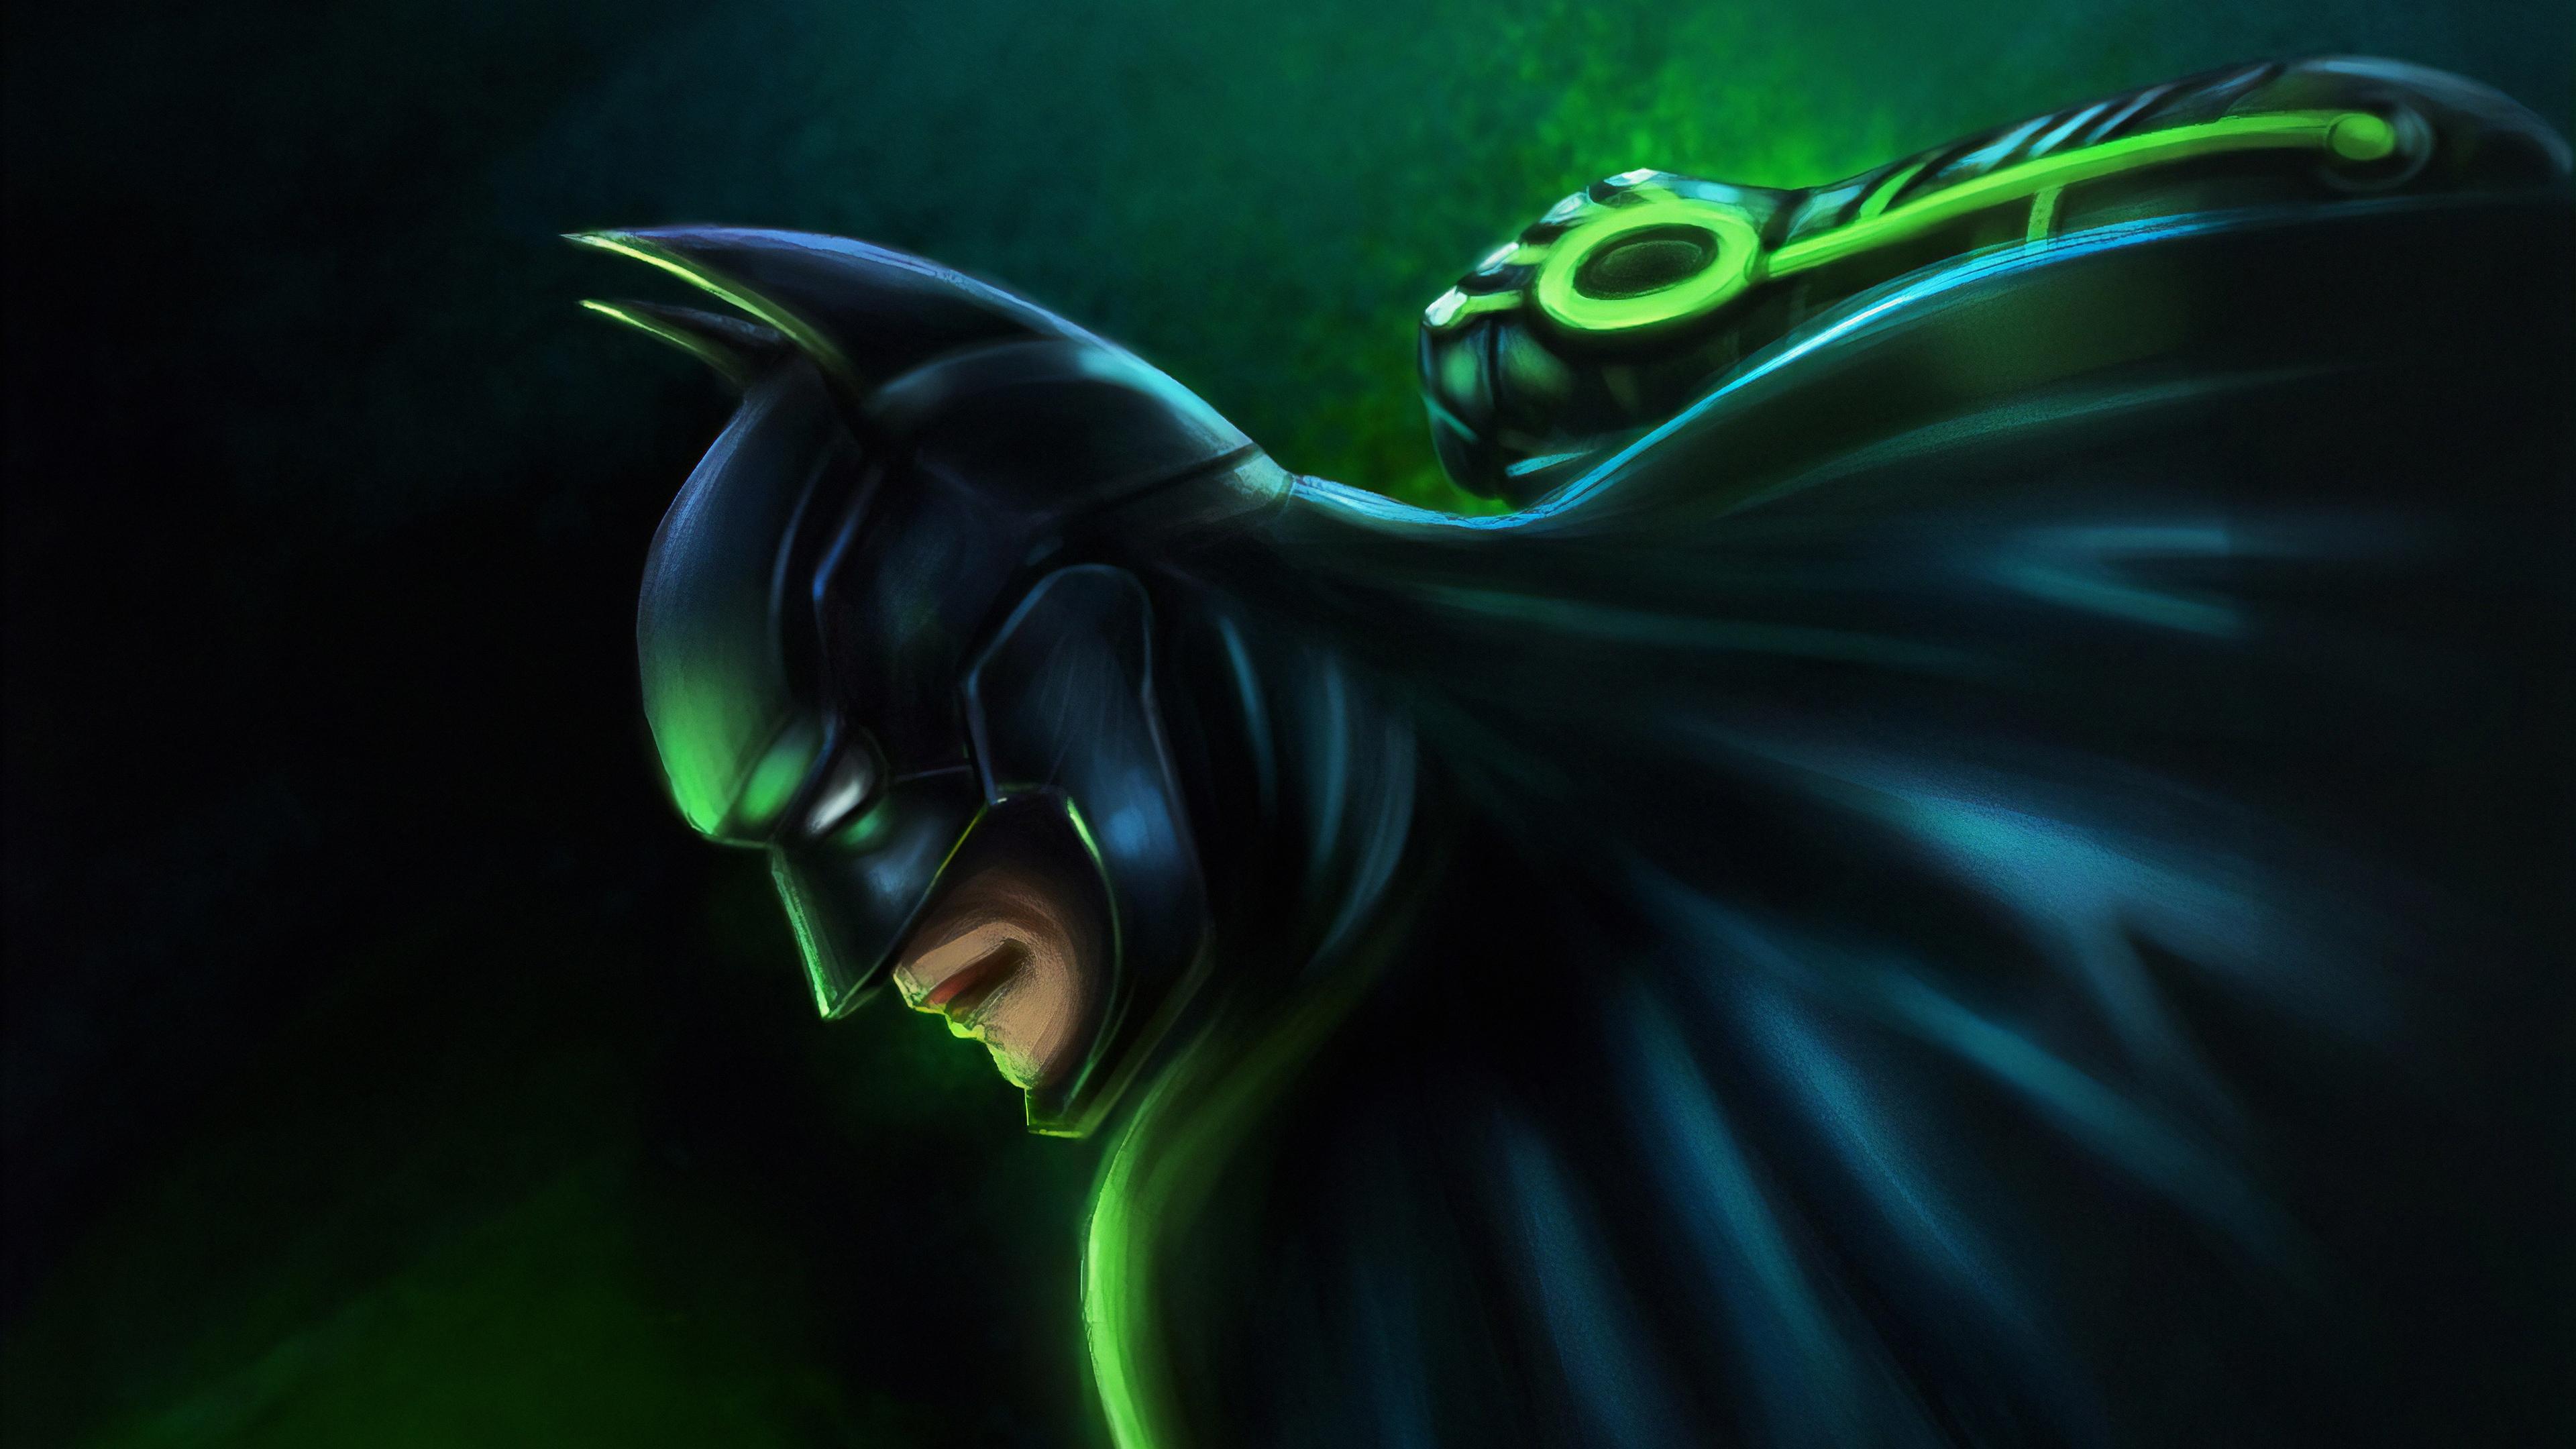 batman gotham protector art 1570394799 - Batman Gotham Protector Art - superheroes wallpapers, hd-wallpapers, digital art wallpapers, batman wallpapers, artwork wallpapers, artstation wallpapers, 4k-wallpapers